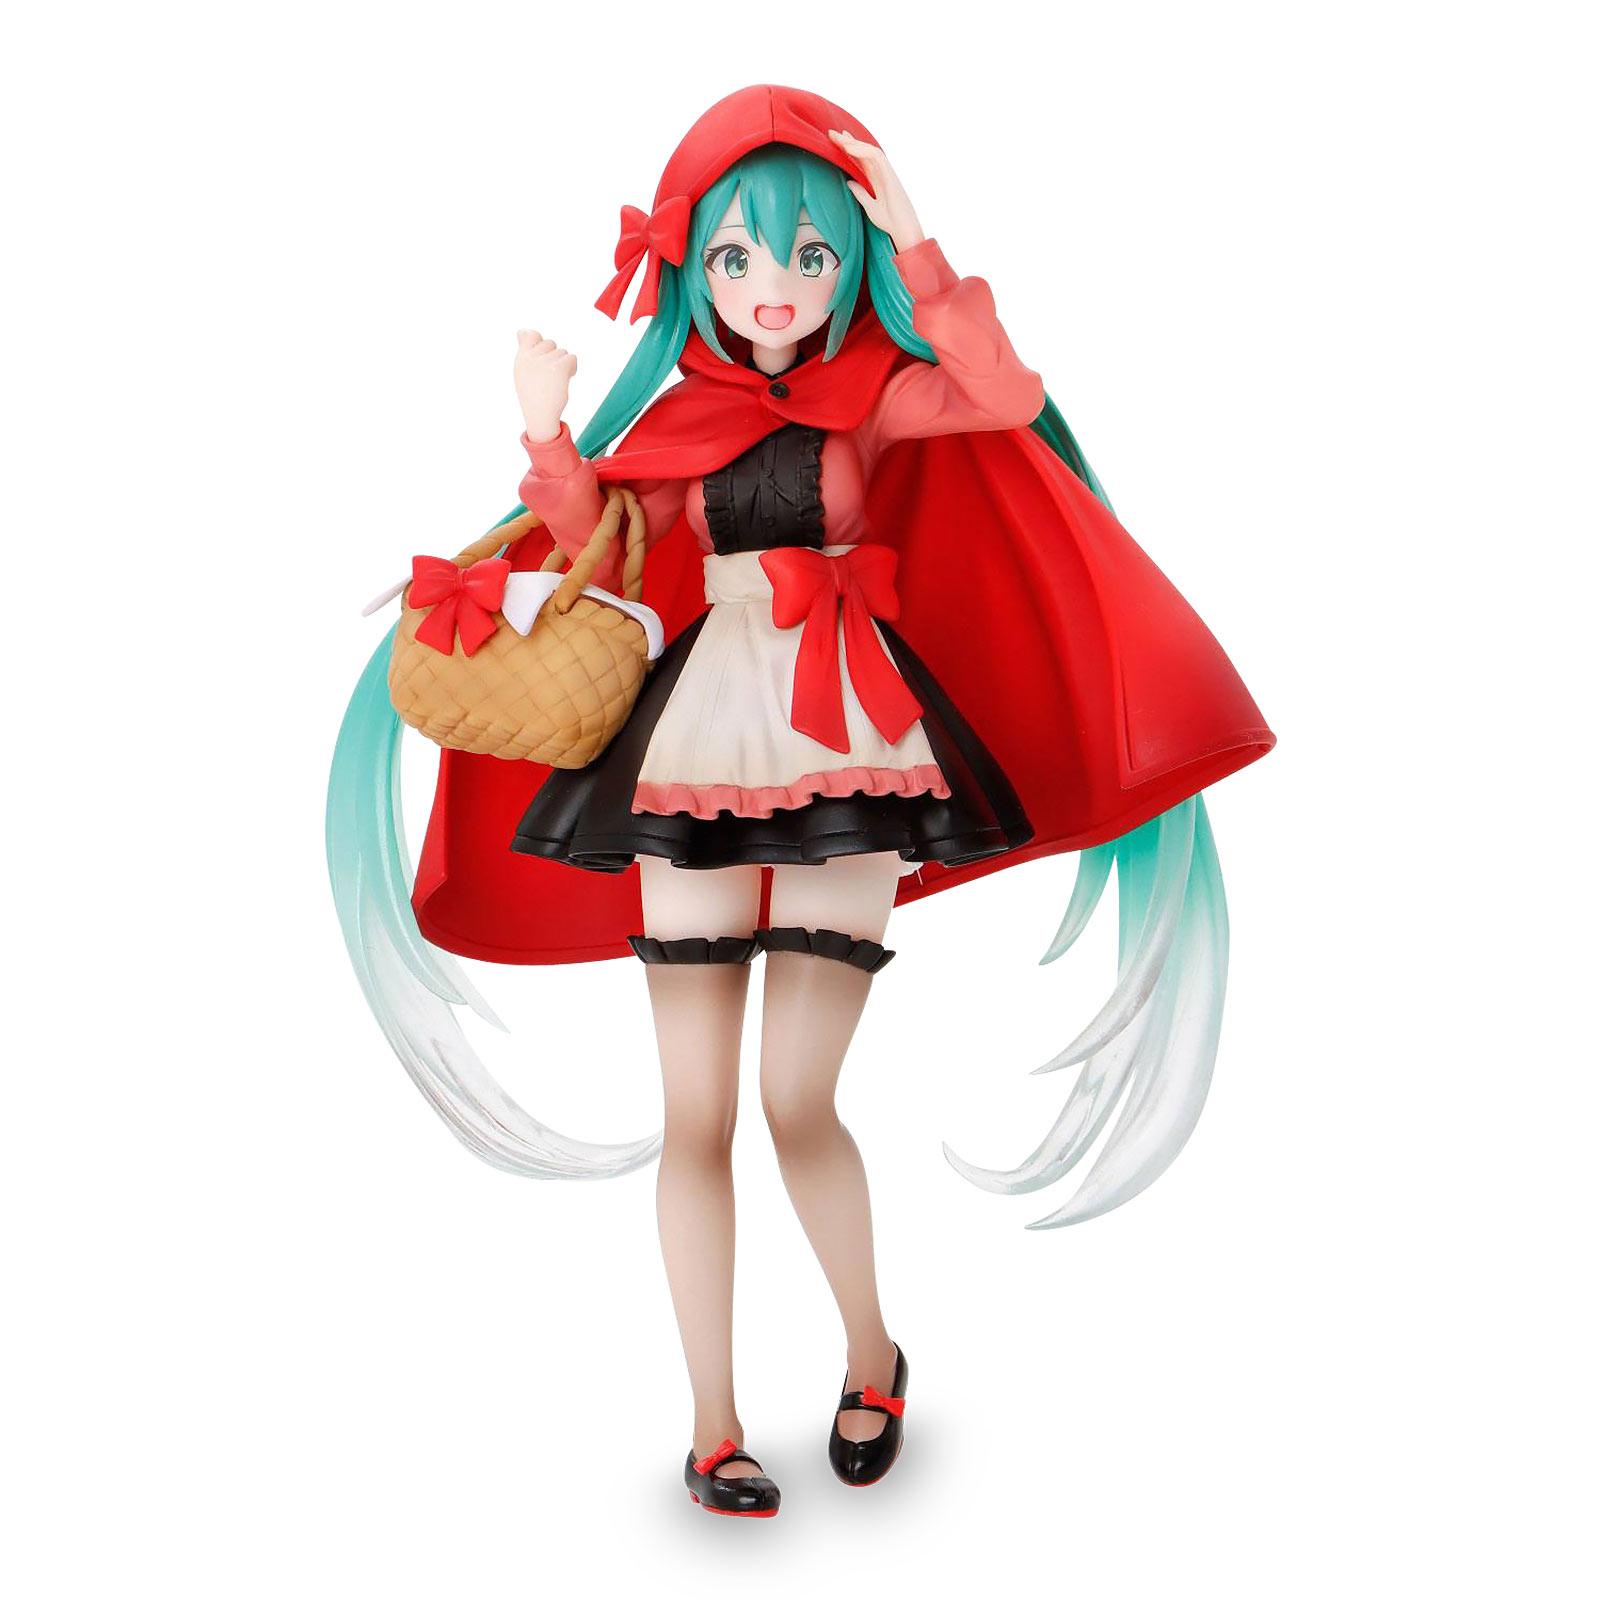 Hatsune Miku - Rotkäppchen Figur